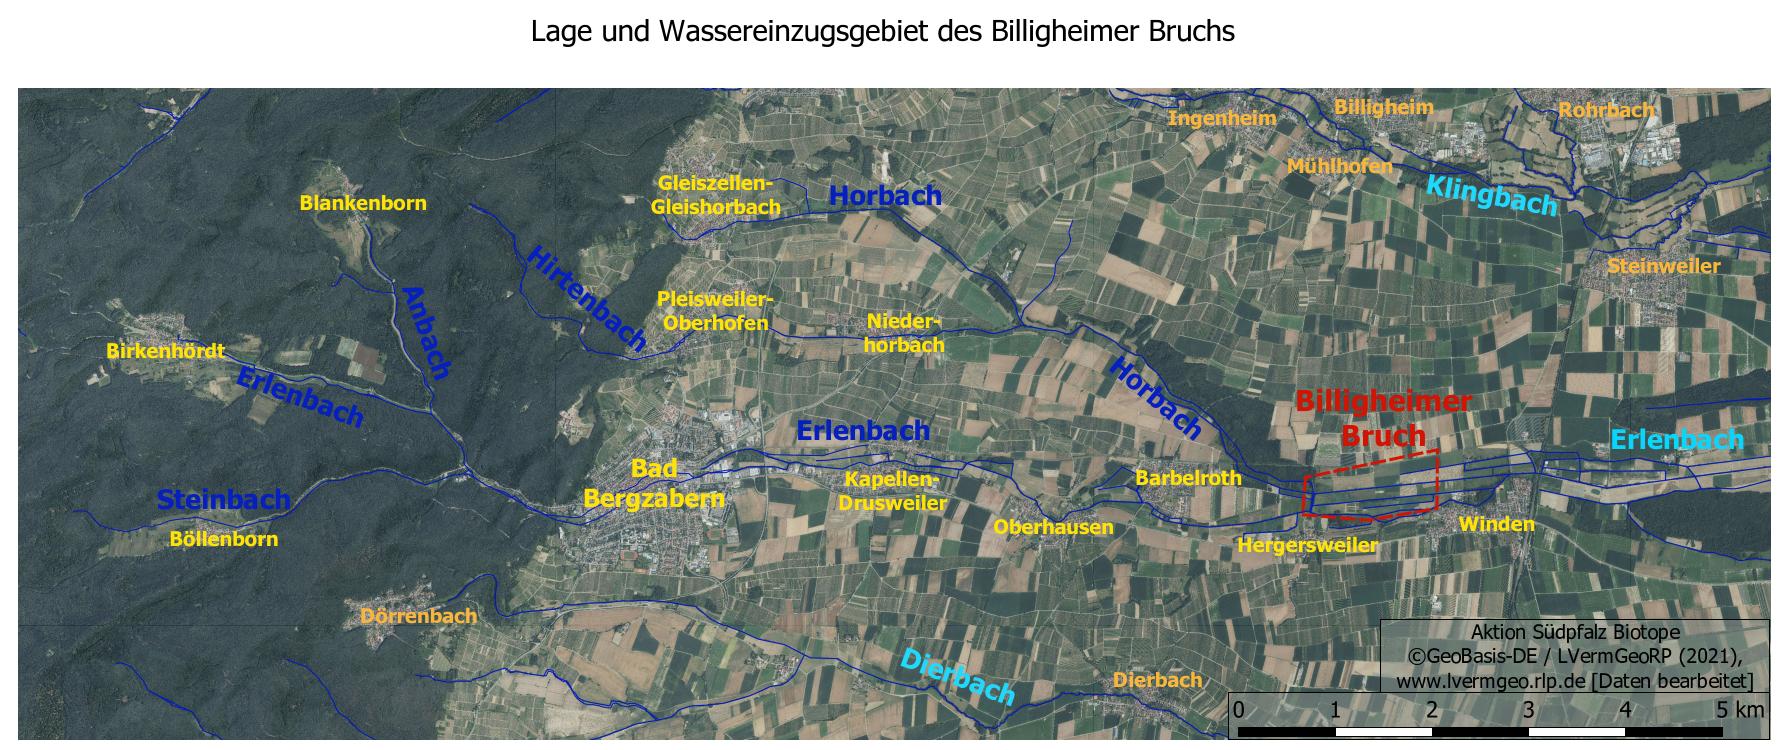 Lage und Wasserinzugsgebiet Billigheimer Bruch